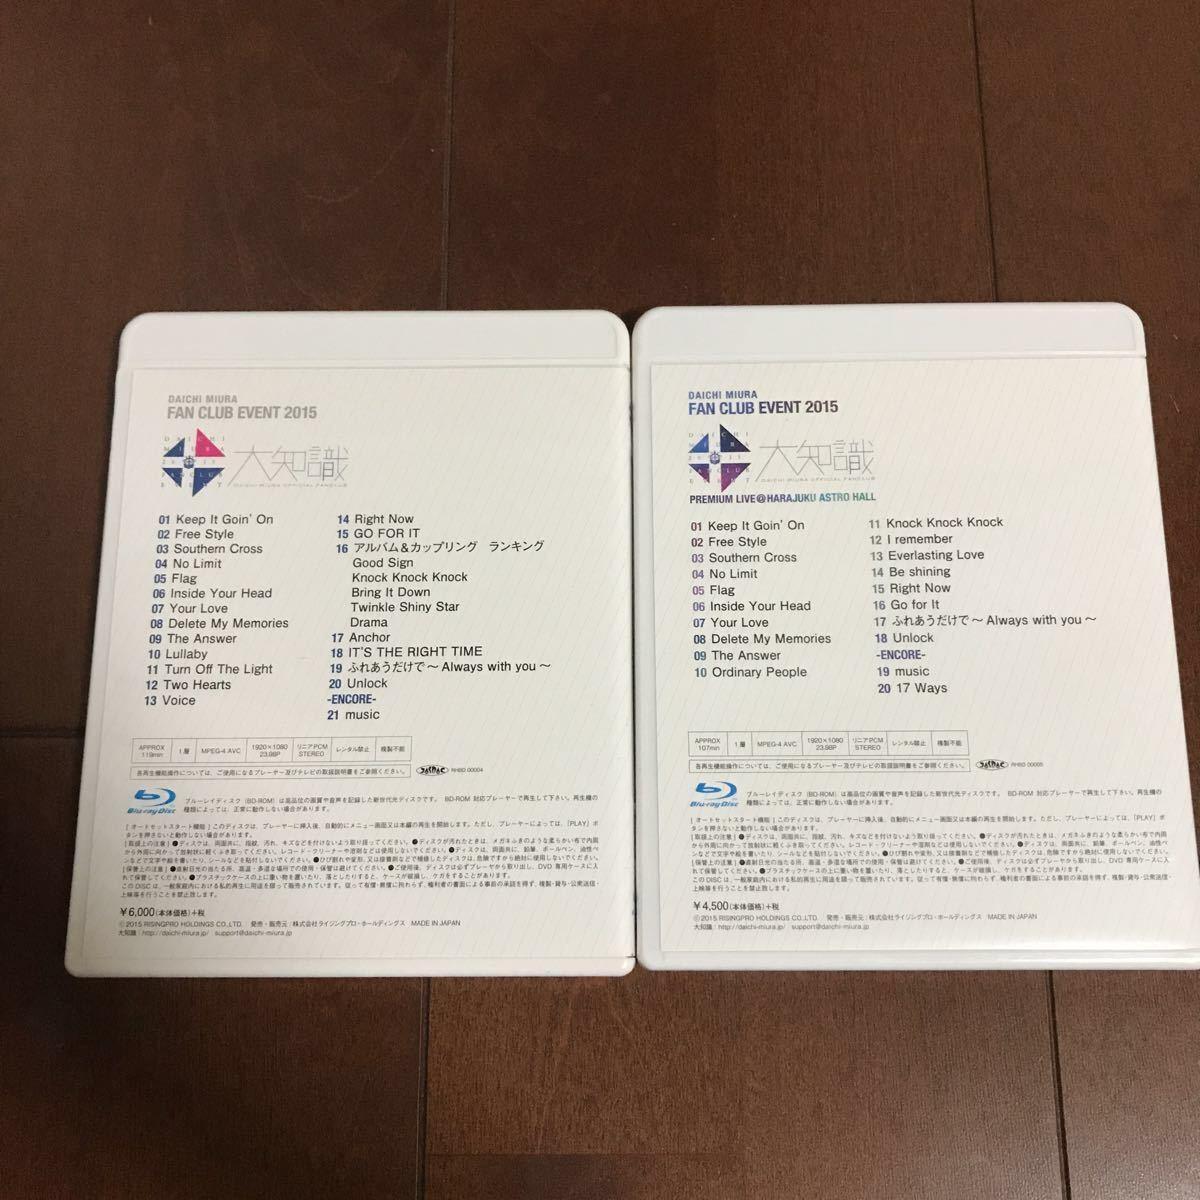 三浦大知 DAICHI MIURA FAN CLUB EVENT 2015 FC限定ブルーレイ 2枚組スリーブケース付き_画像3